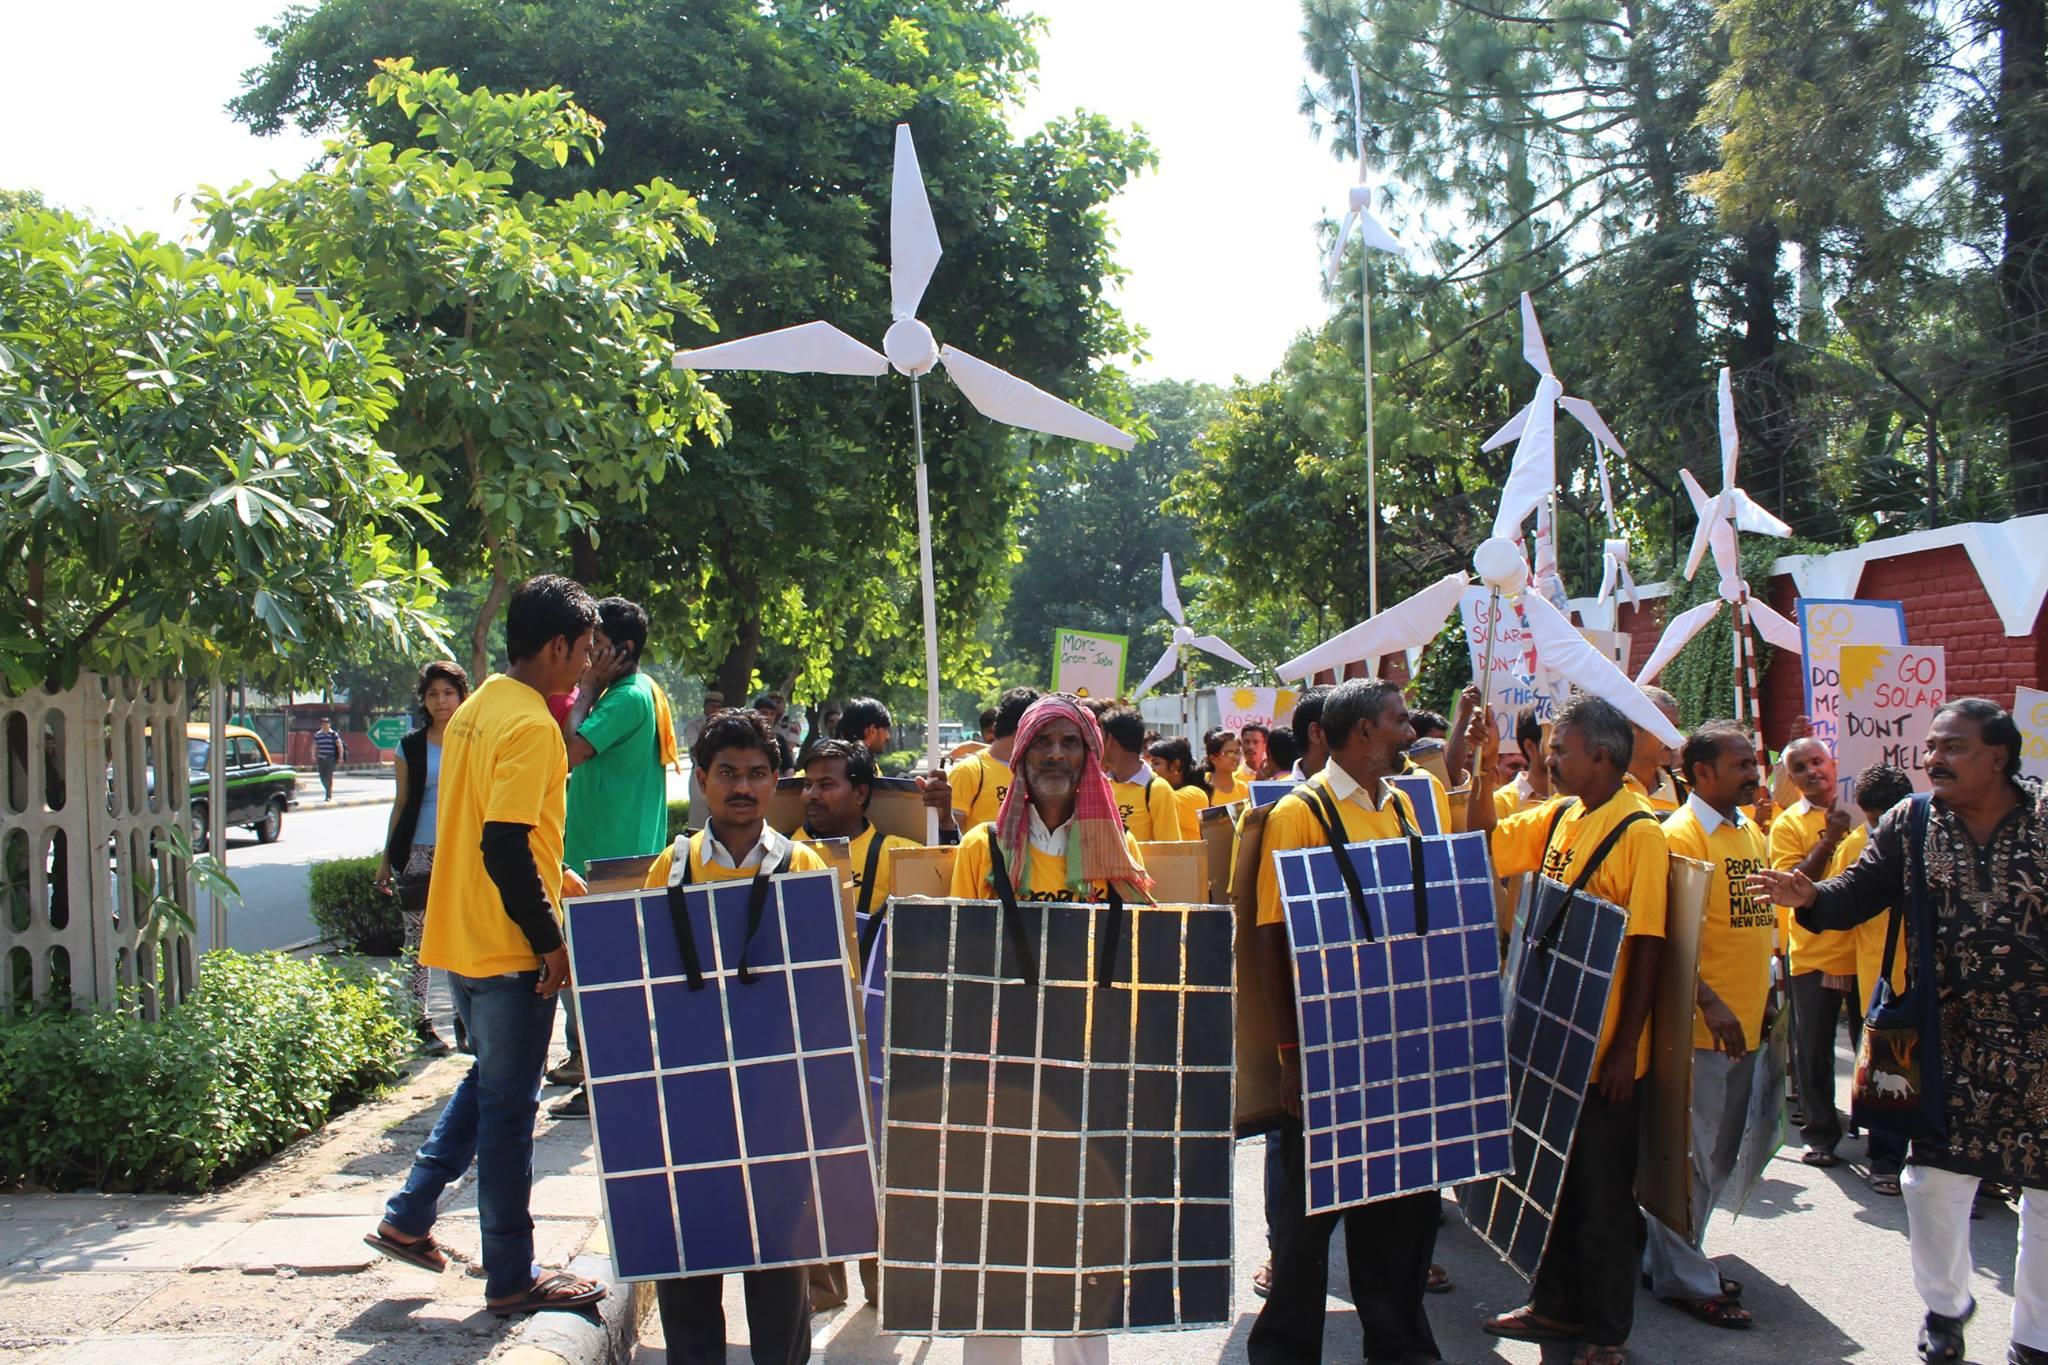 4_men%20with%20props%20_Delhi_India_350.org%20India.jpg